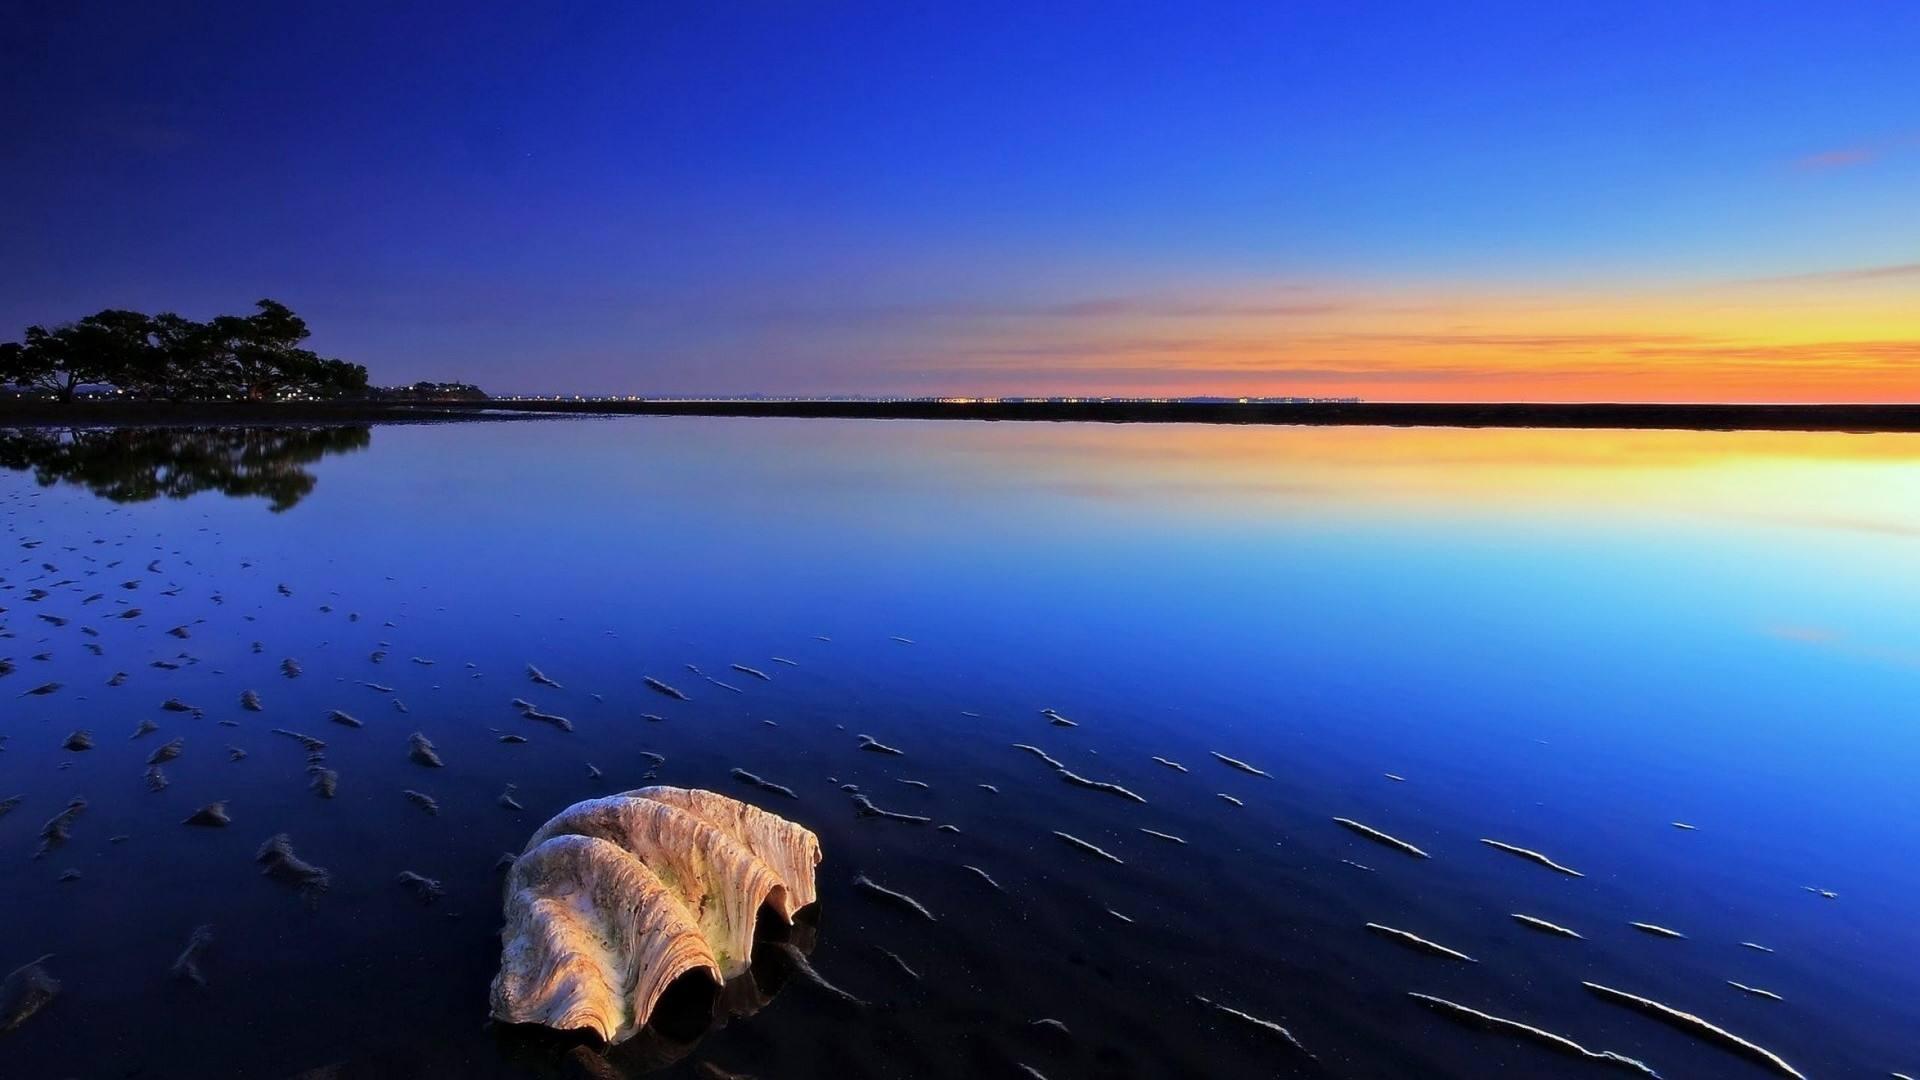 心里难受的孤独伤感说说:虽看不到远方,还是抬头向前走去